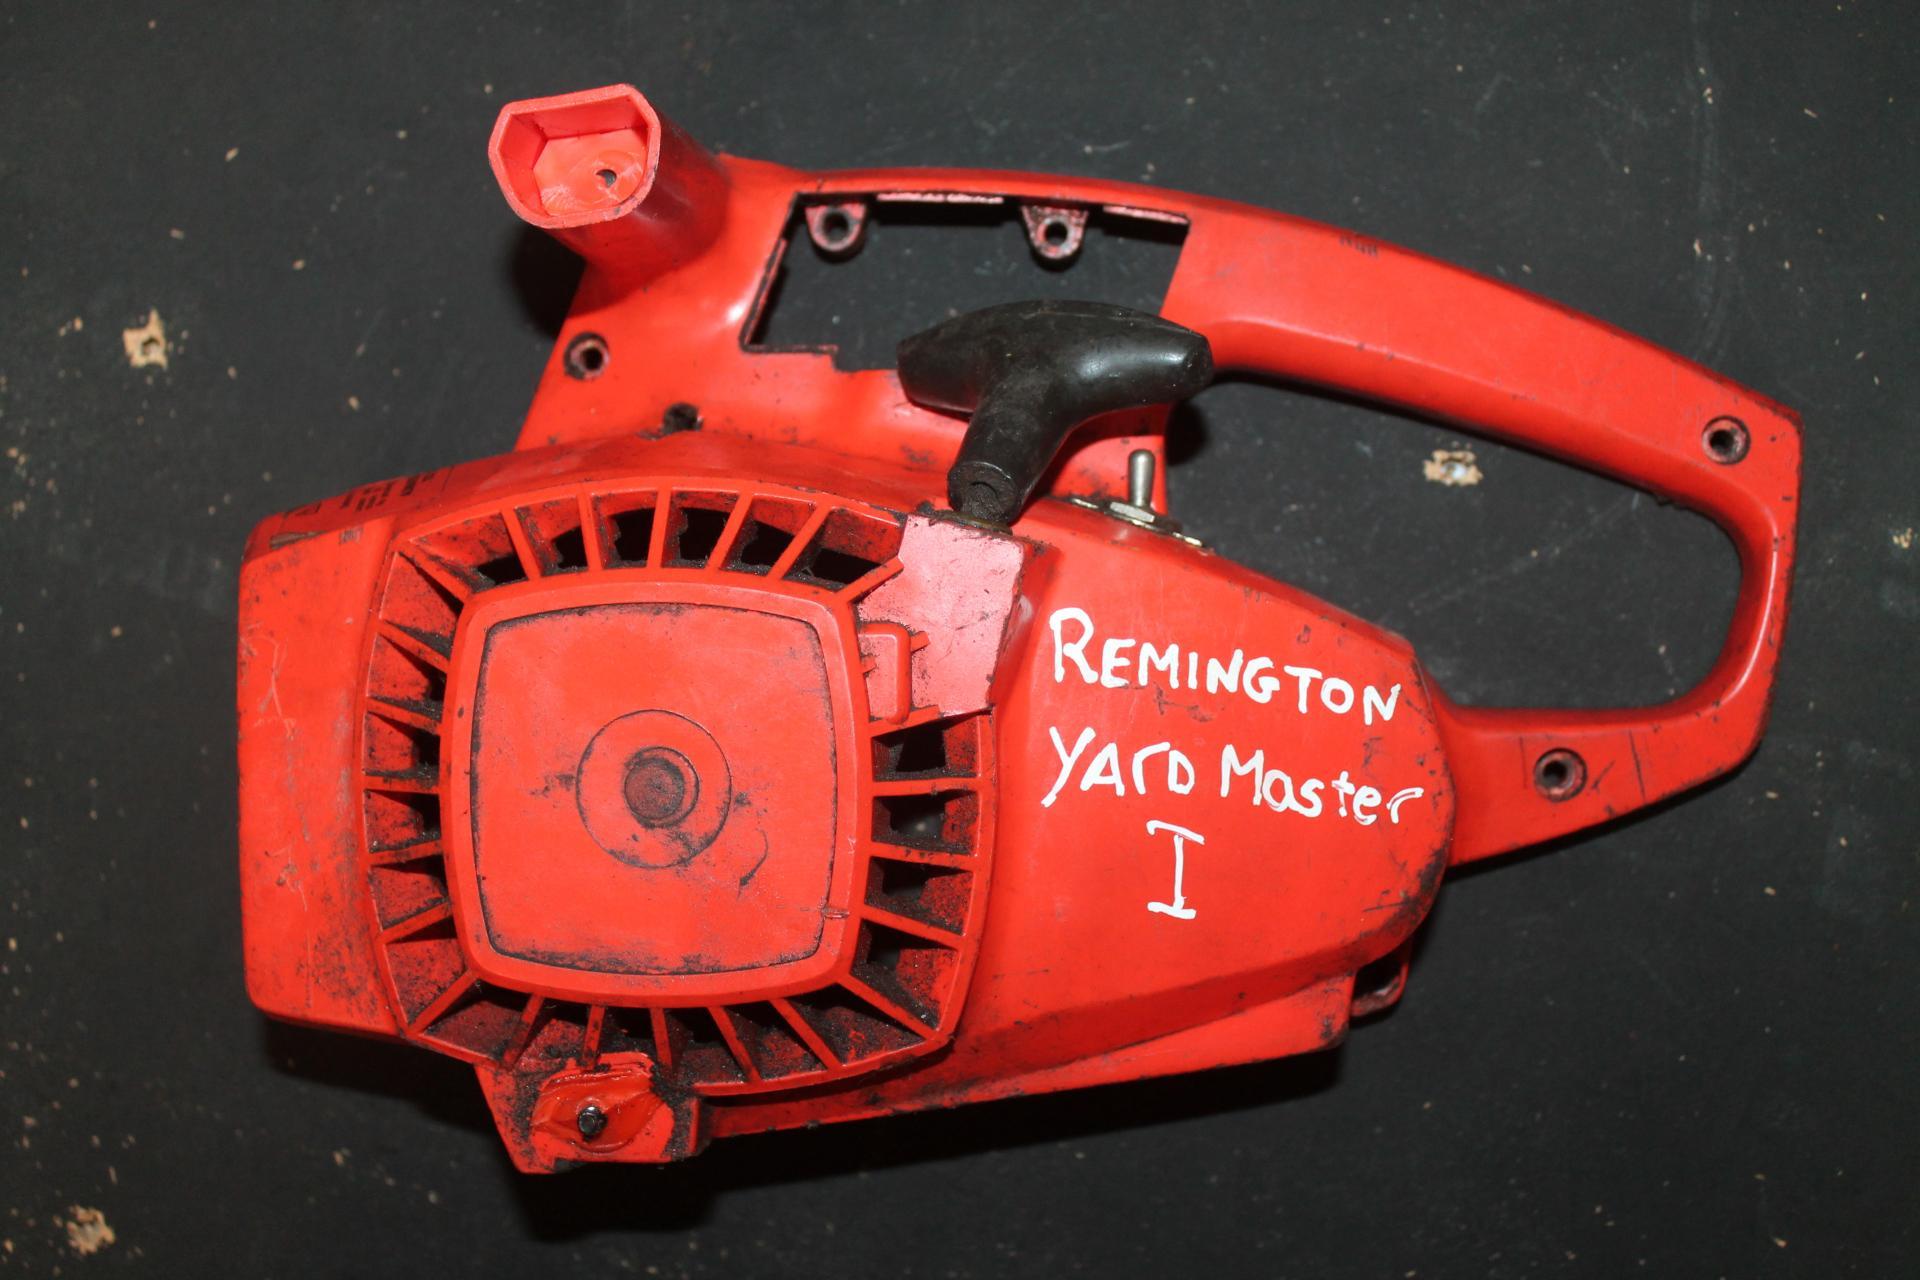 Arranque Remington Yardmaster I